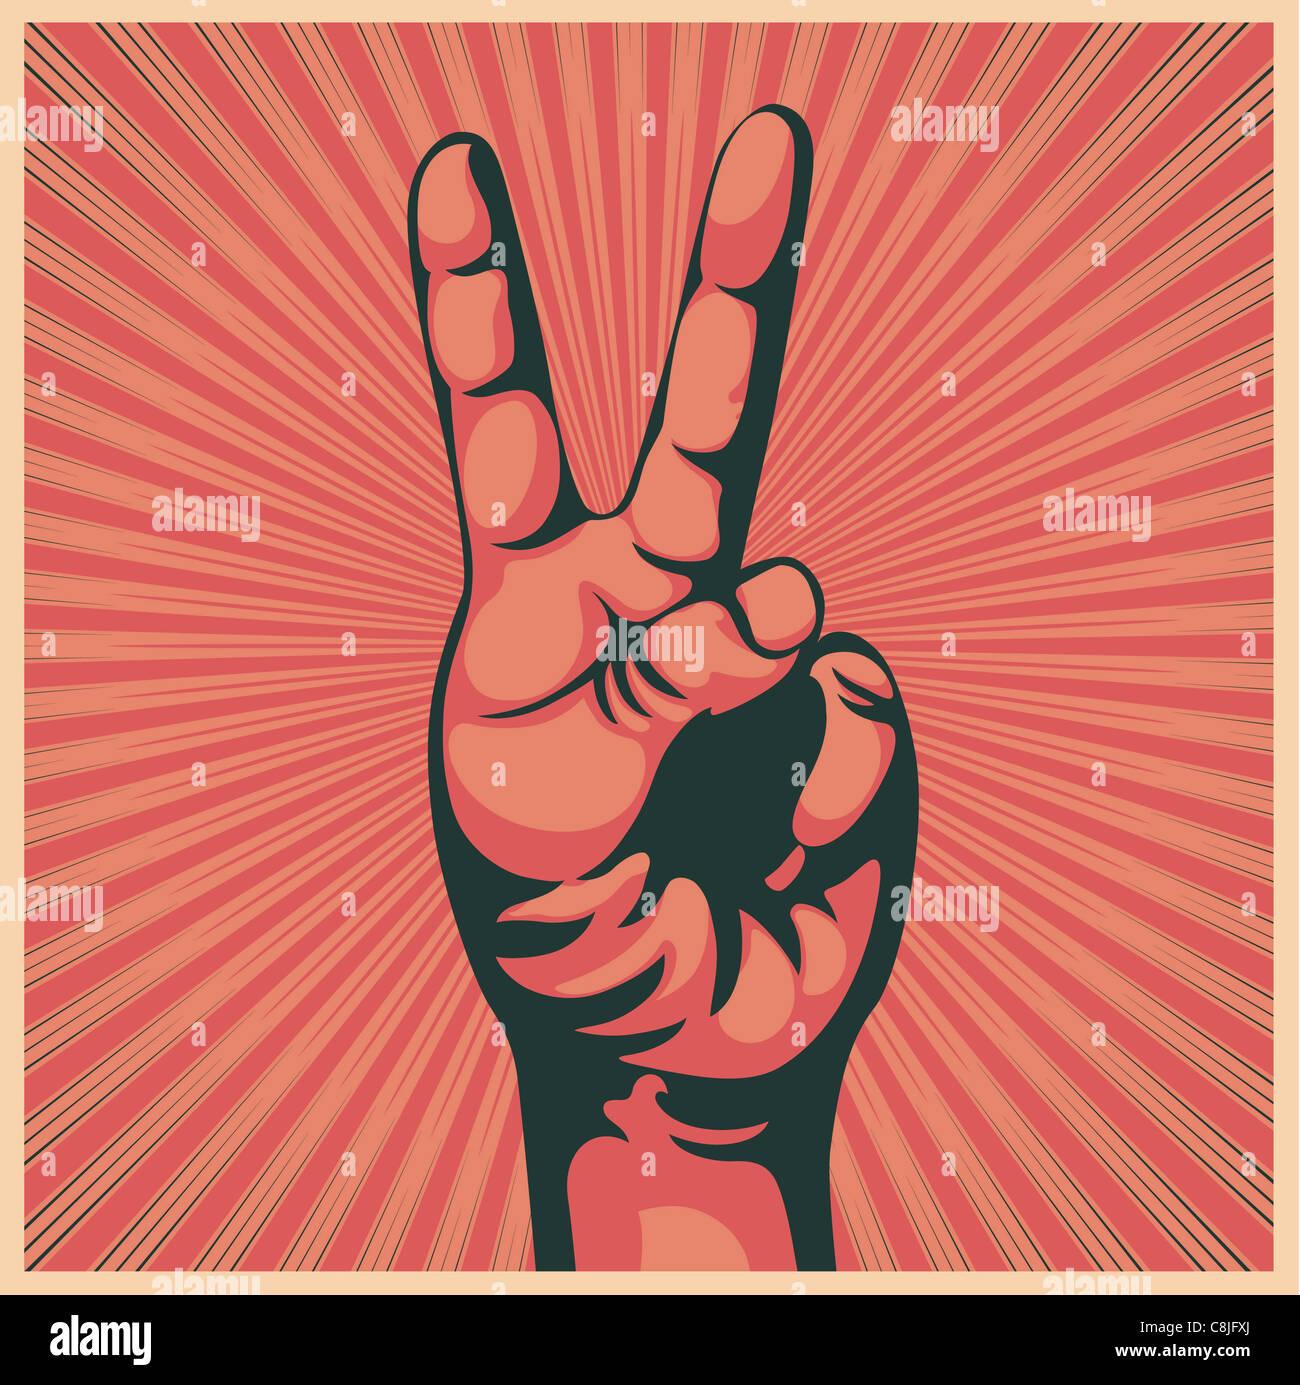 Ilustración en estilo retro de una mano en señal de victoria Imagen De Stock